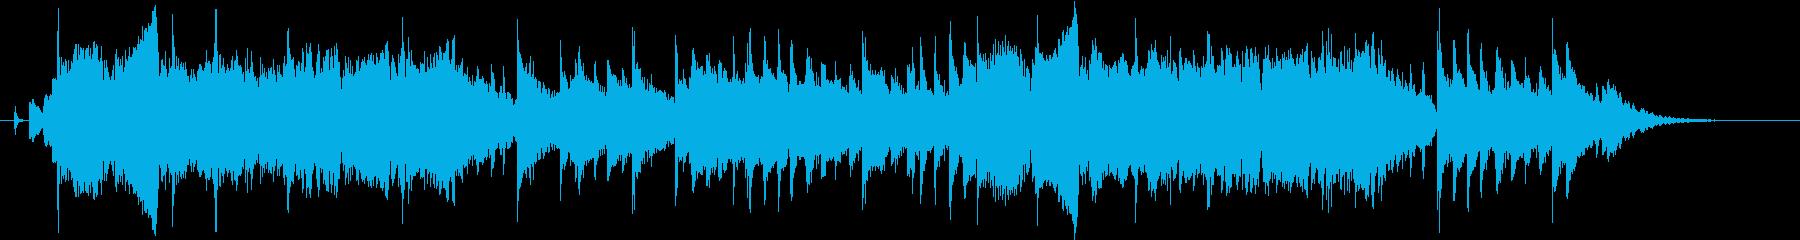 明るい音色のバイオリンのジングル30秒の再生済みの波形